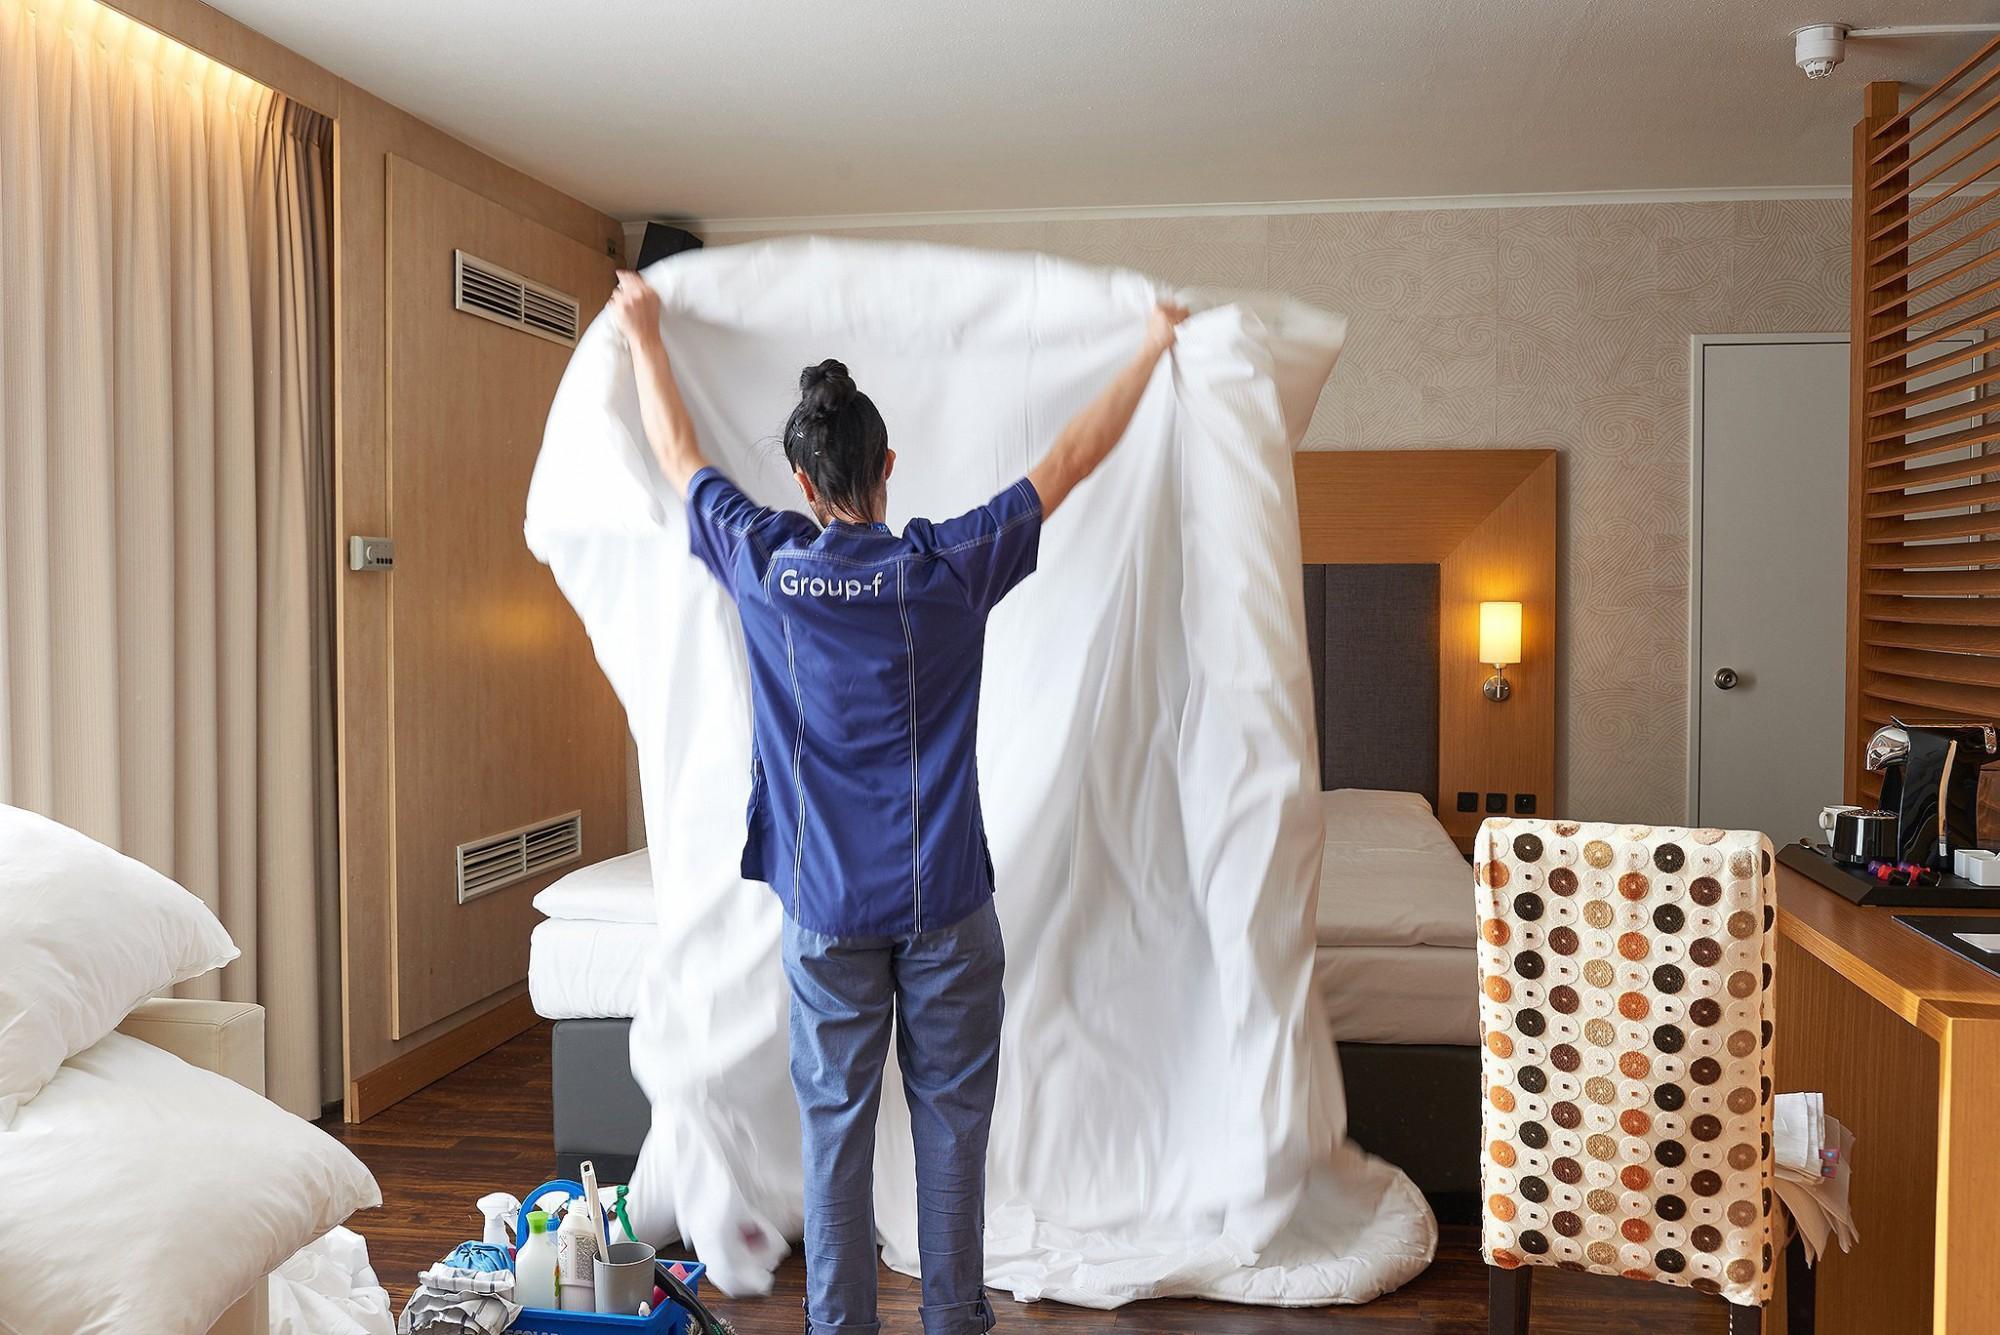 Afbeelding: Bedrijfsfotografie voor Group-F, opkuisen van een hotelkamer.